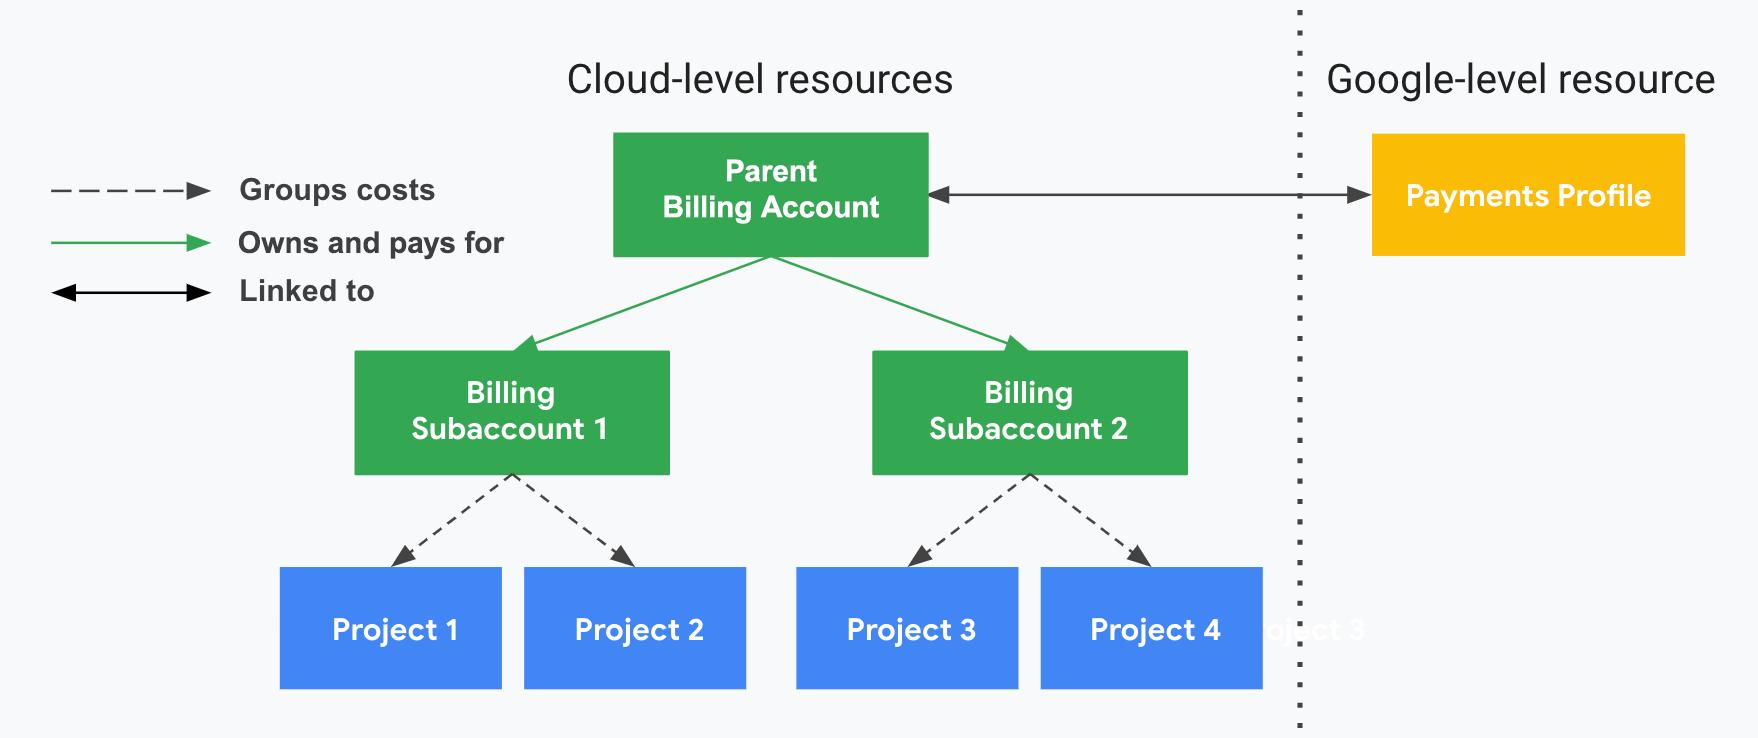 Diagramm: Beschreibt, wie sich Projekte auf Cloud-Rechnungskonten, Cloud-Rechnungsunterkonten und Ihr Zahlungsprofil beziehen. Auf der einen Seite werden Ihre Ressourcen auf Cloud-Ebene angezeigt (Cloud-Rechnungskonto, Unterkonten und zugehörige Projekte) und auf der anderen Seite Ihre Ressource auf Google-Ebene (Zahlungsprofil), die durch eine gepunktete vertikale Linie getrennt ist. Die Projektnutzungskosten werden anhand der zugehörigen Cloud-Rechnungsunterkonten gruppiert und mit Zwischensumme dargestellt. Unterkonten werden über das übergeordnete Cloud-Rechnungskonto des Resellers beglichen, das mit Ihrem Zahlungsprofil verknüpft ist.